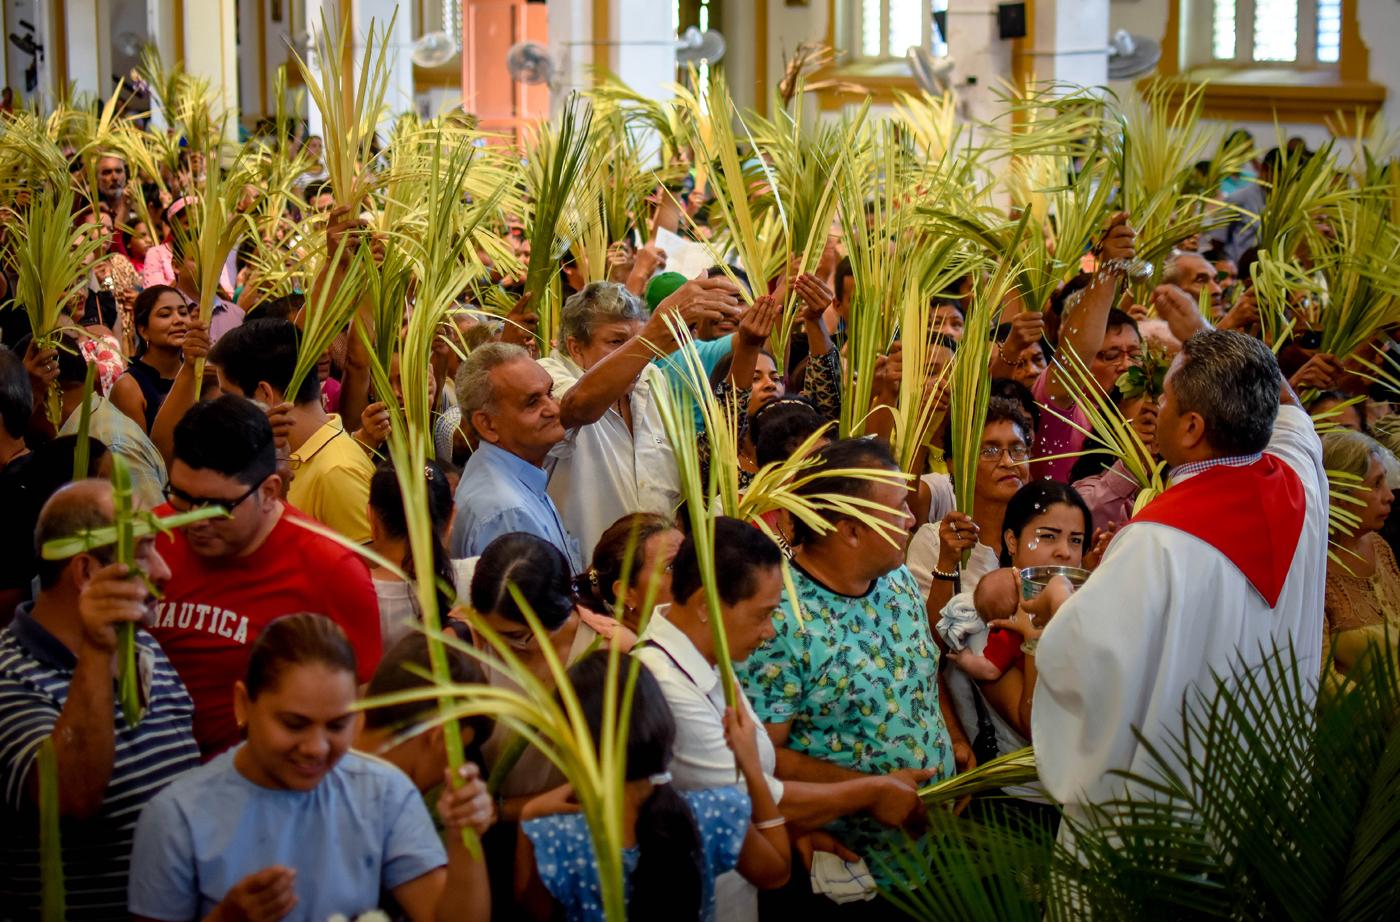 Los feligreses llevaron ramos de palmiche a la iglesia Nuestra Señora de Chiquinquirá.